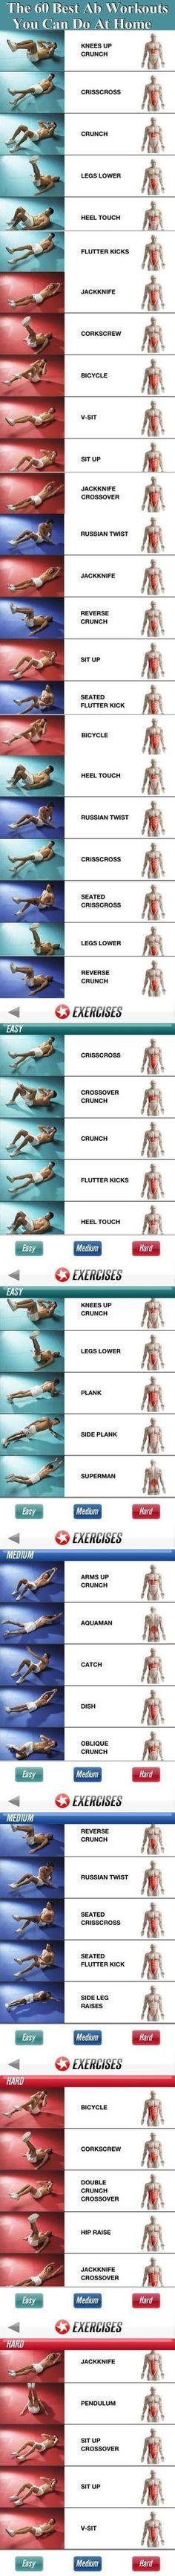 Exercicio e seus respectivos musculos